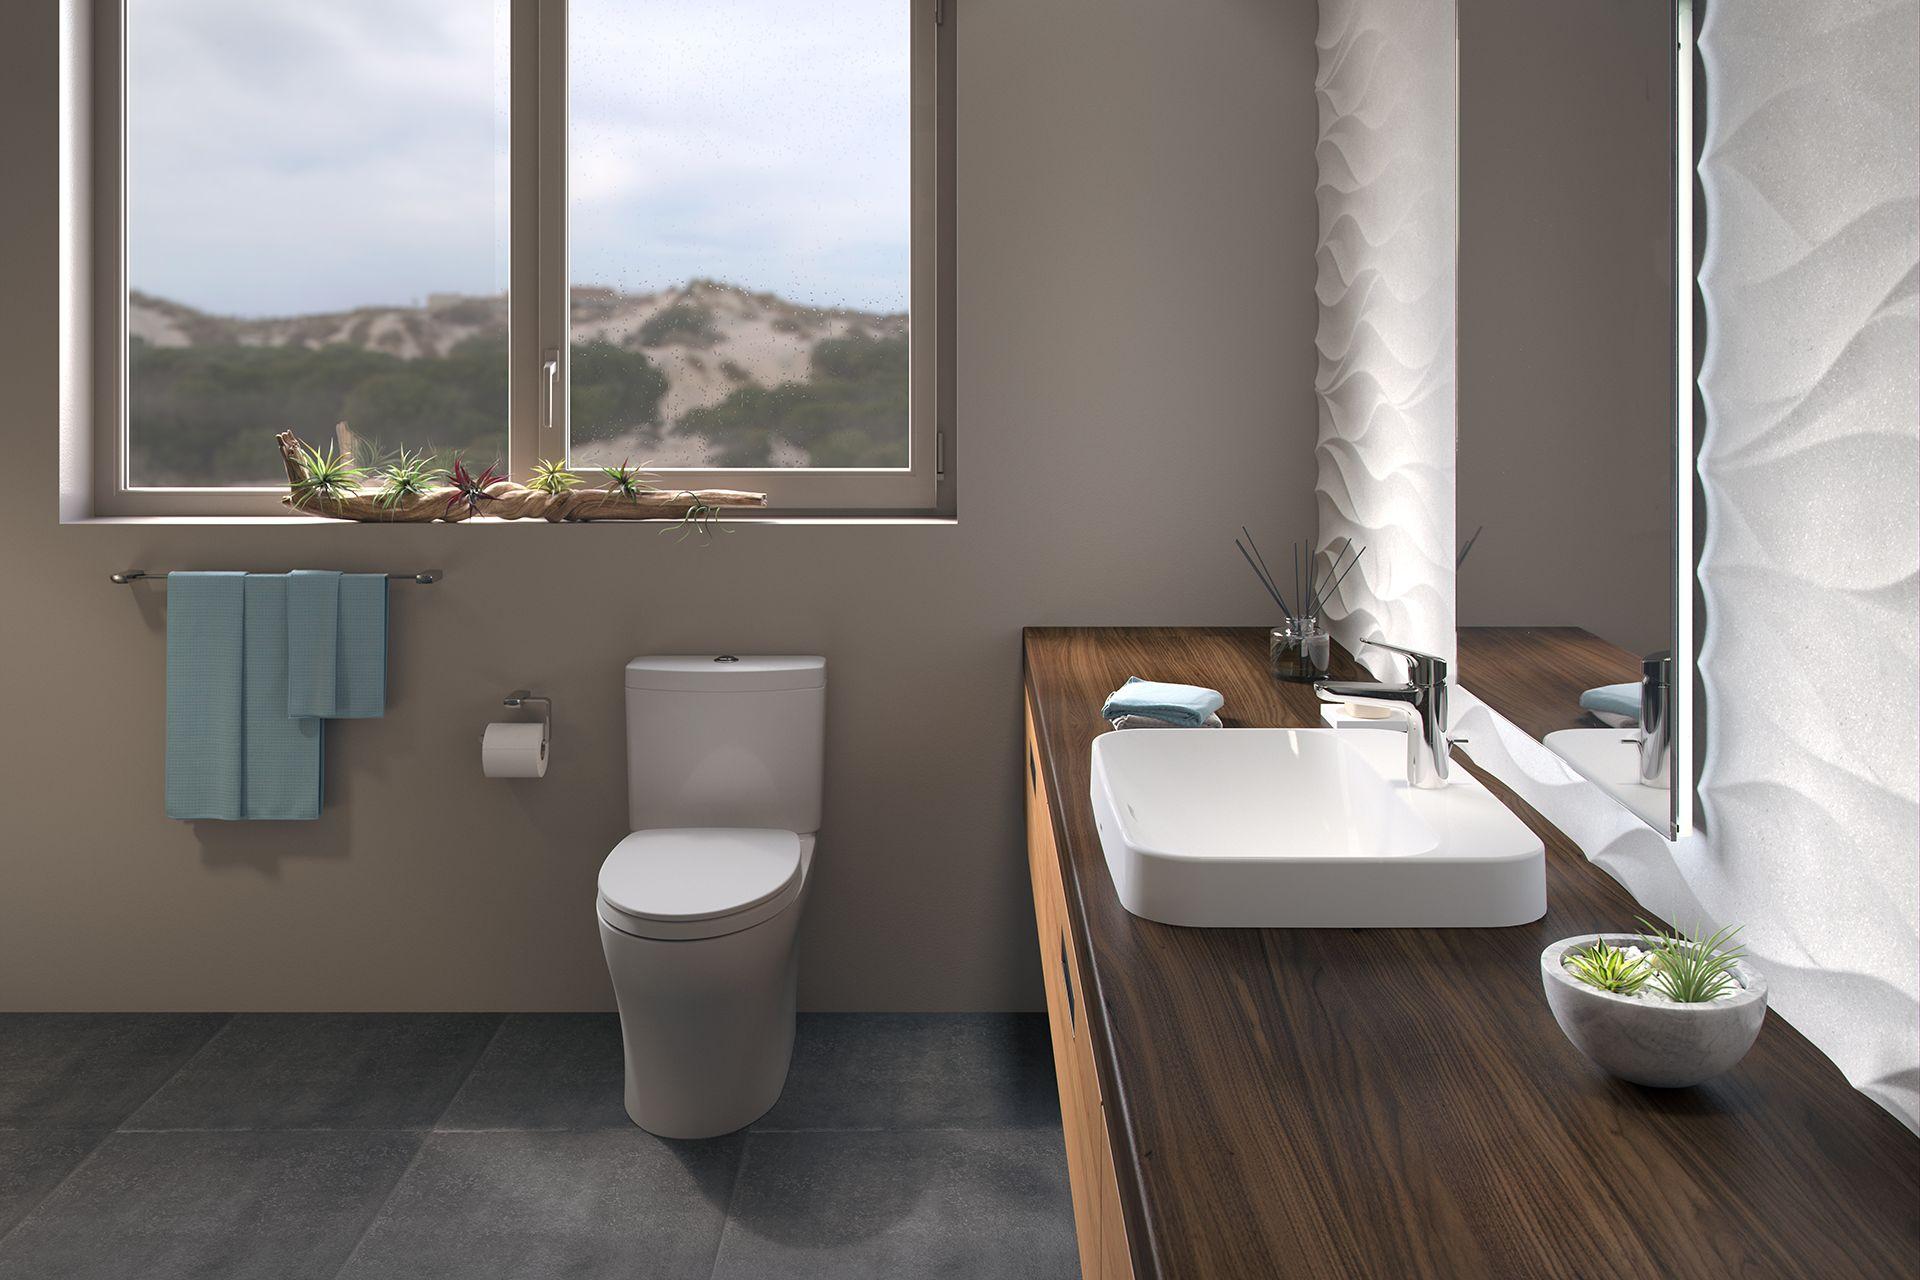 Aquia® IV - 1G - Toilet - 1.0 GPF / 0.8 GPF - TotoUSA.com